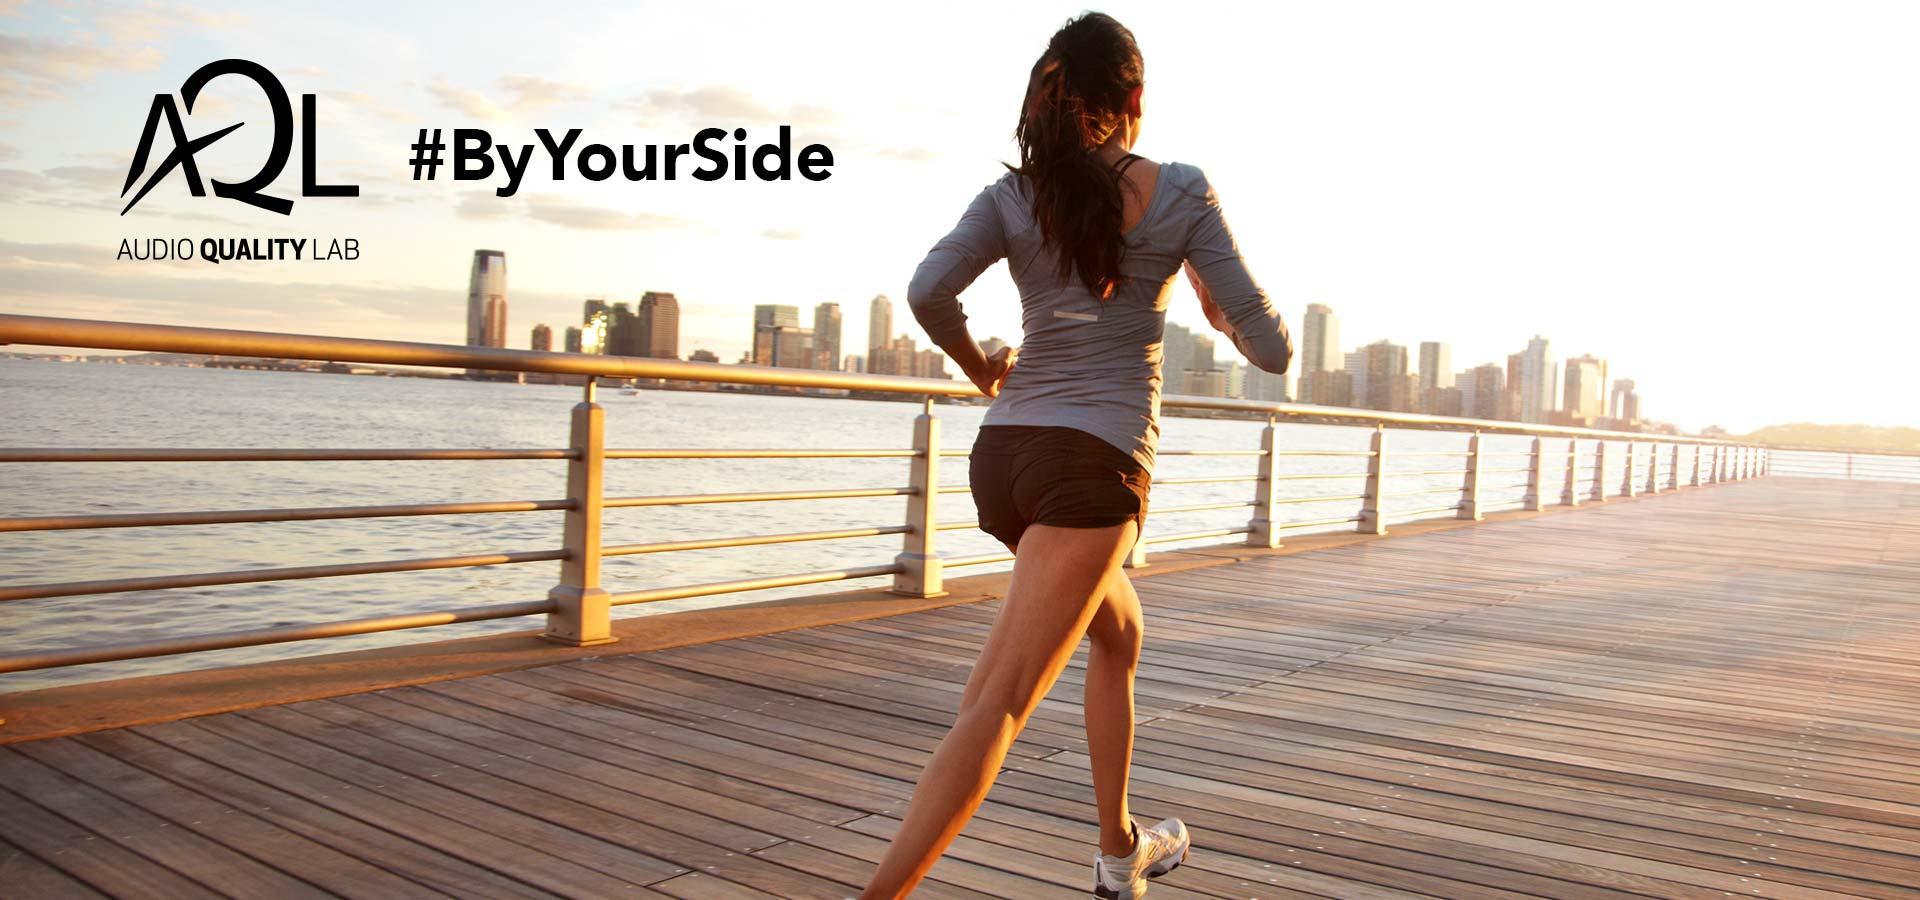 ByYourSide: la maratona di AQL che unisce gli amanti della corsa